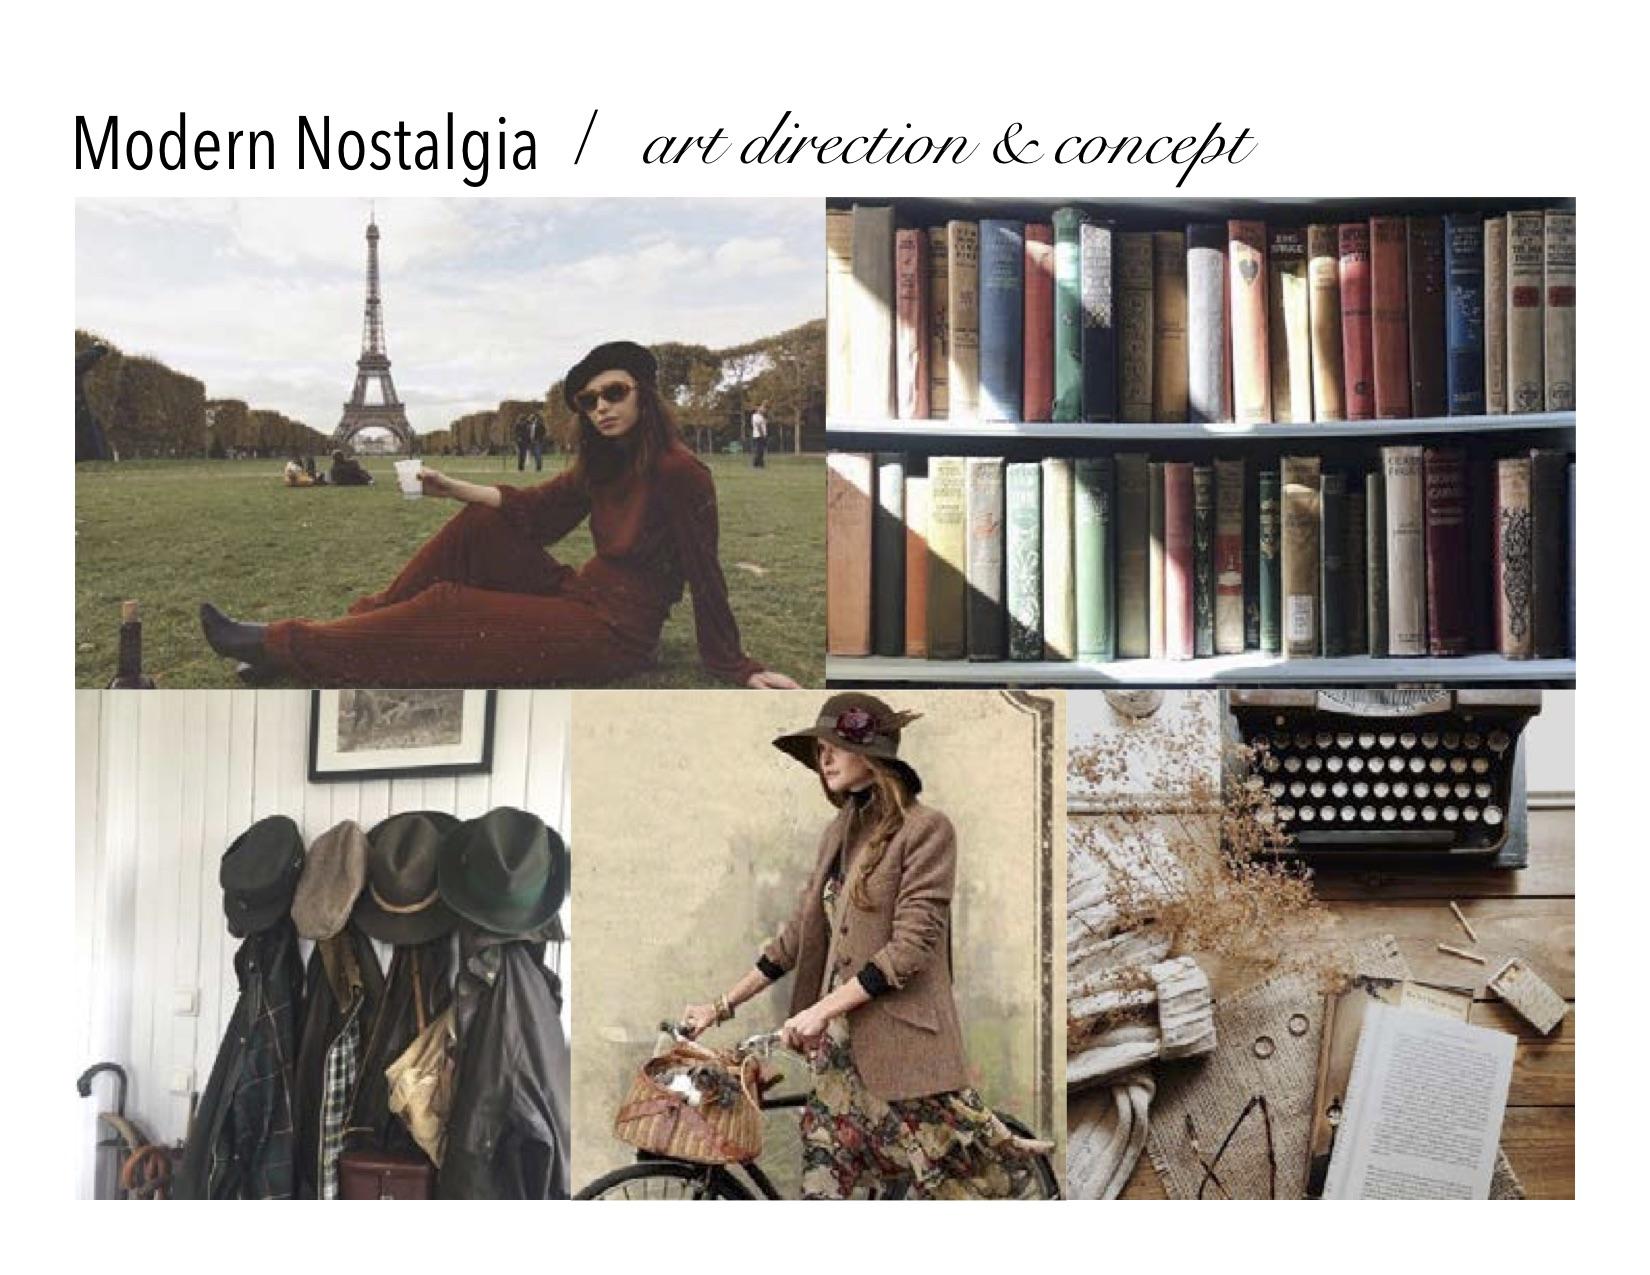 jessica-faulkner-modern-nostalgia-1.jpg